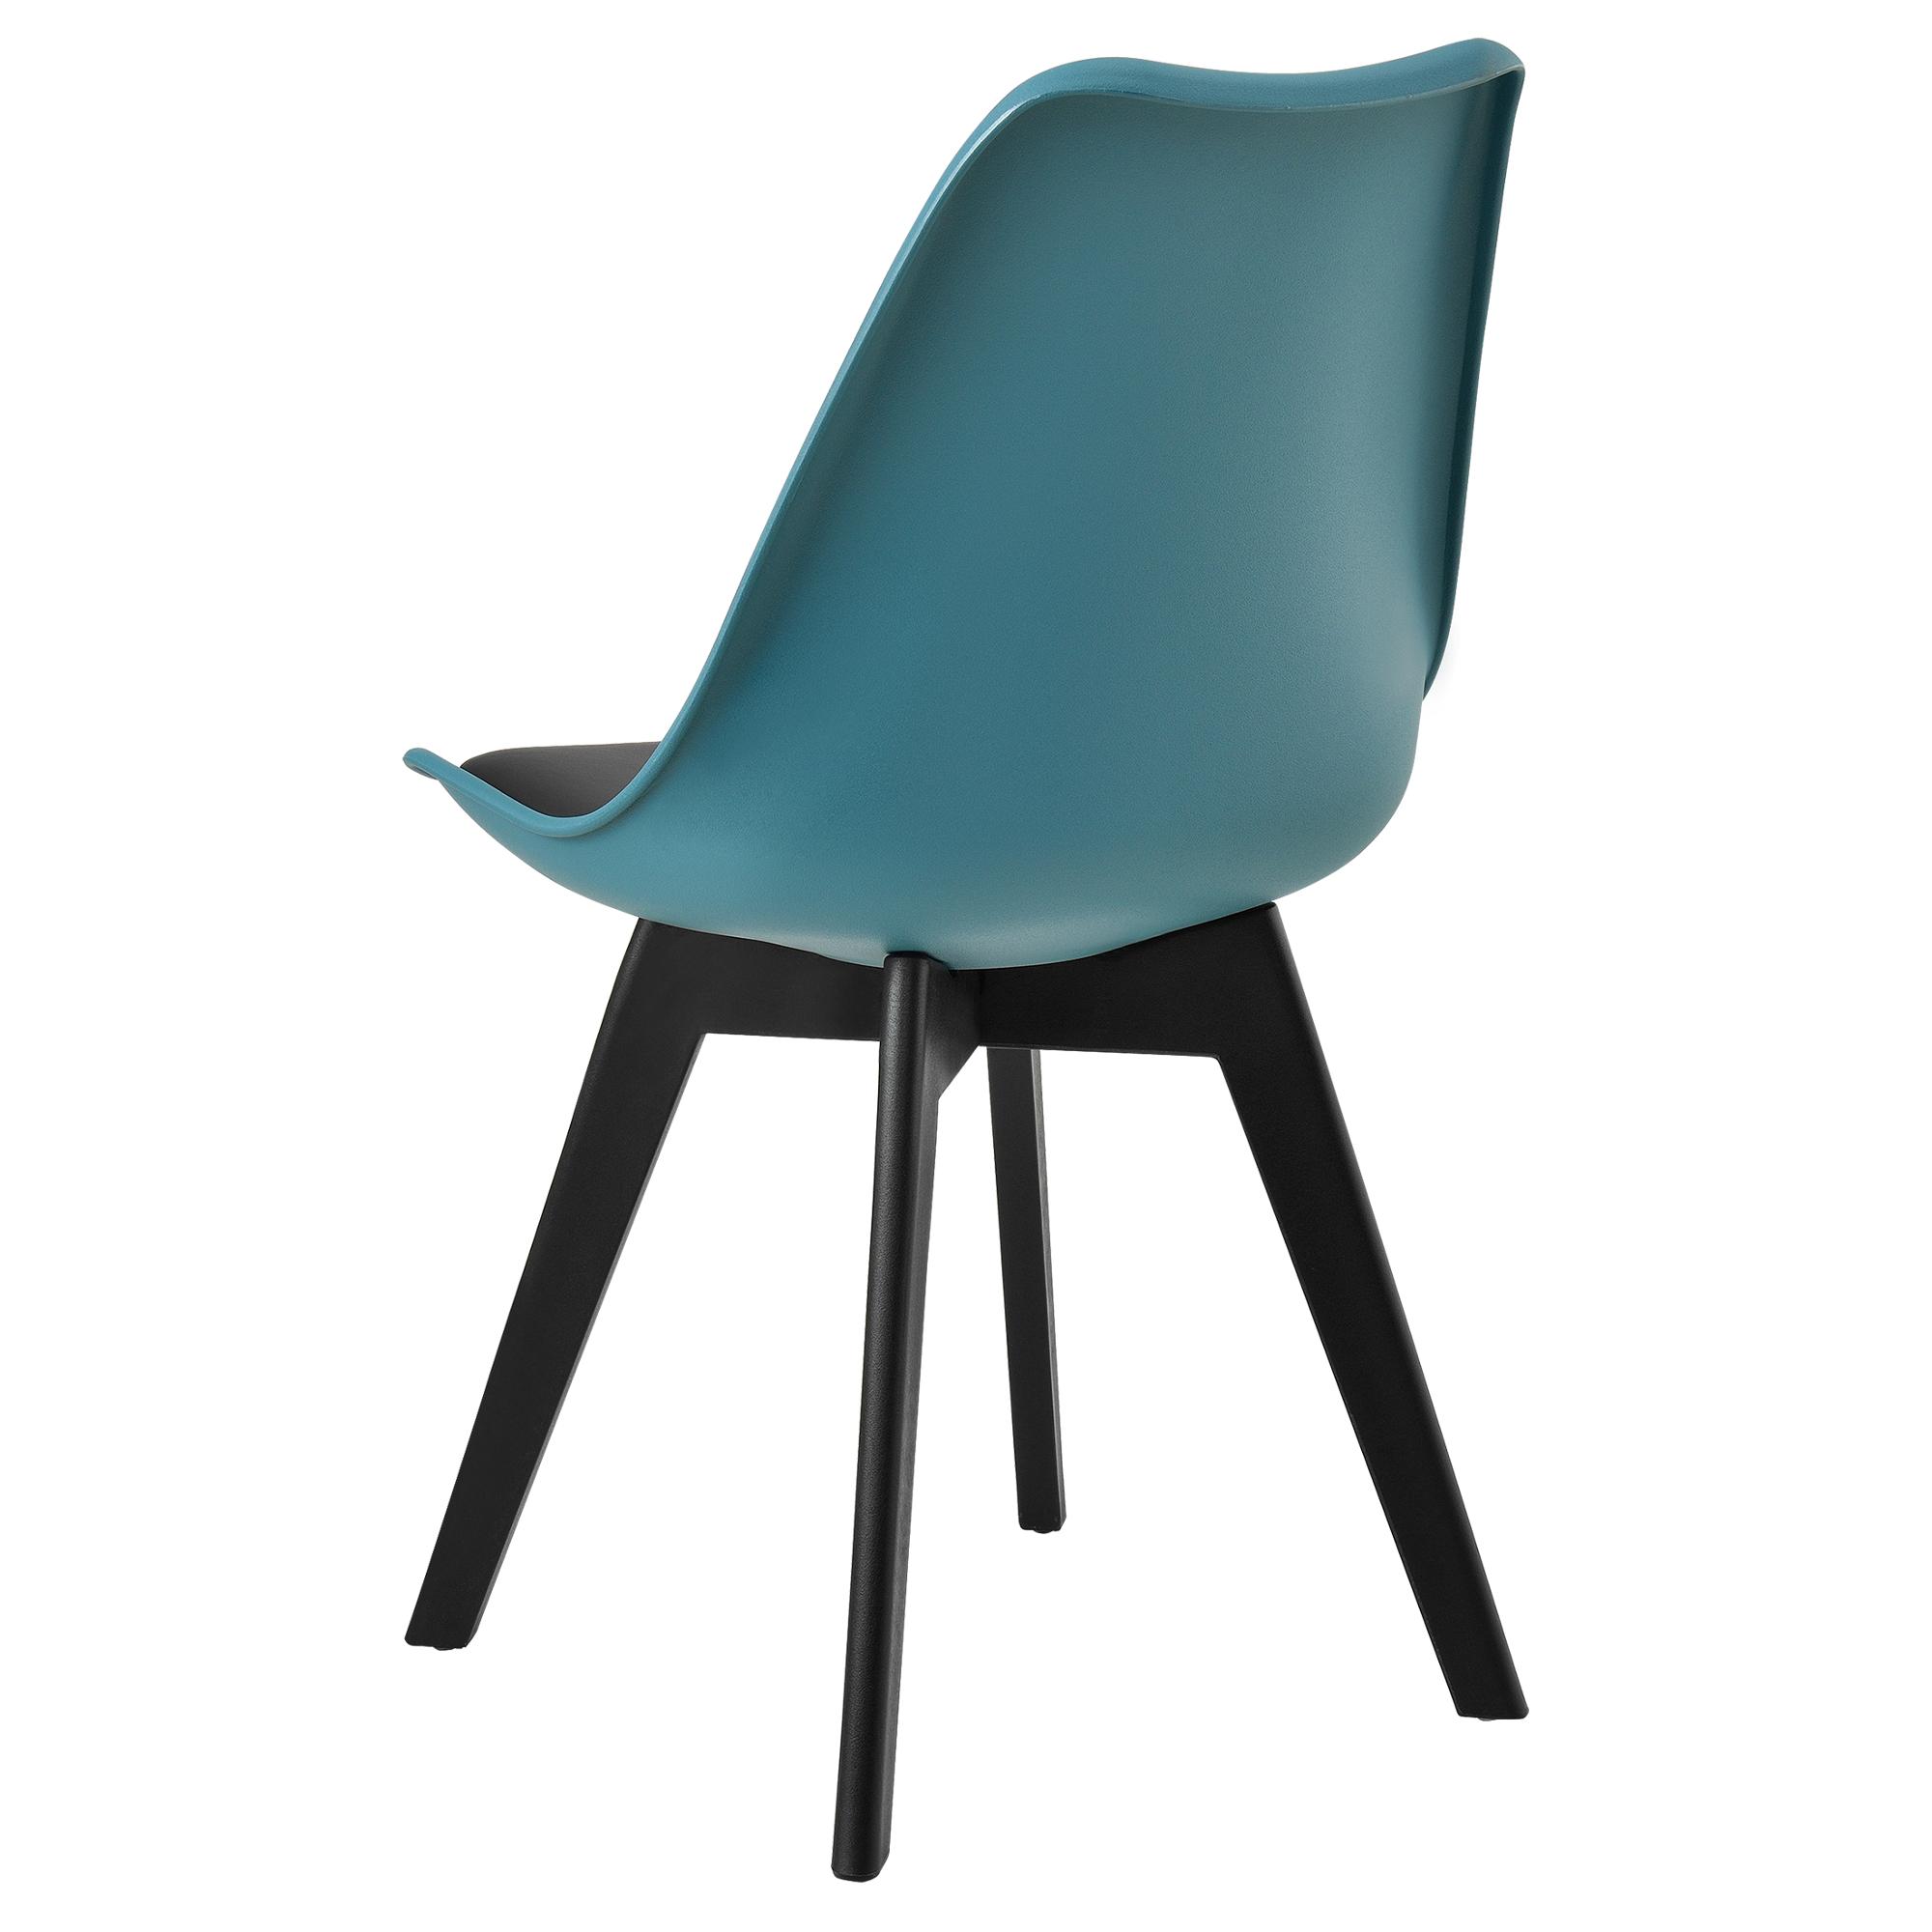 2x design st hle esszimmer t rkis kunststoff kunst leder stuhl set ebay. Black Bedroom Furniture Sets. Home Design Ideas